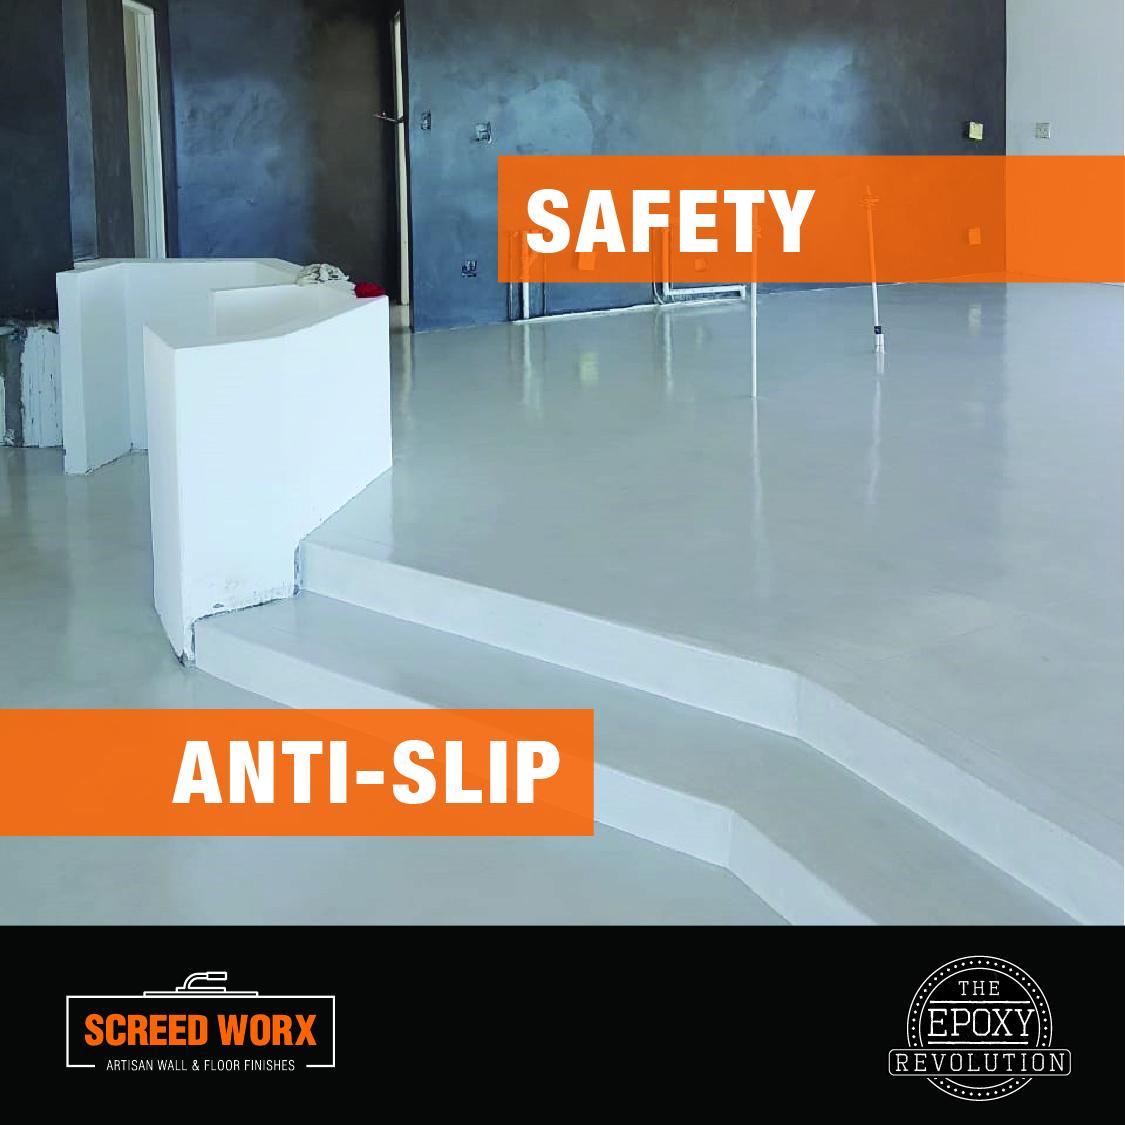 Epoxy flooring anti-slip safety